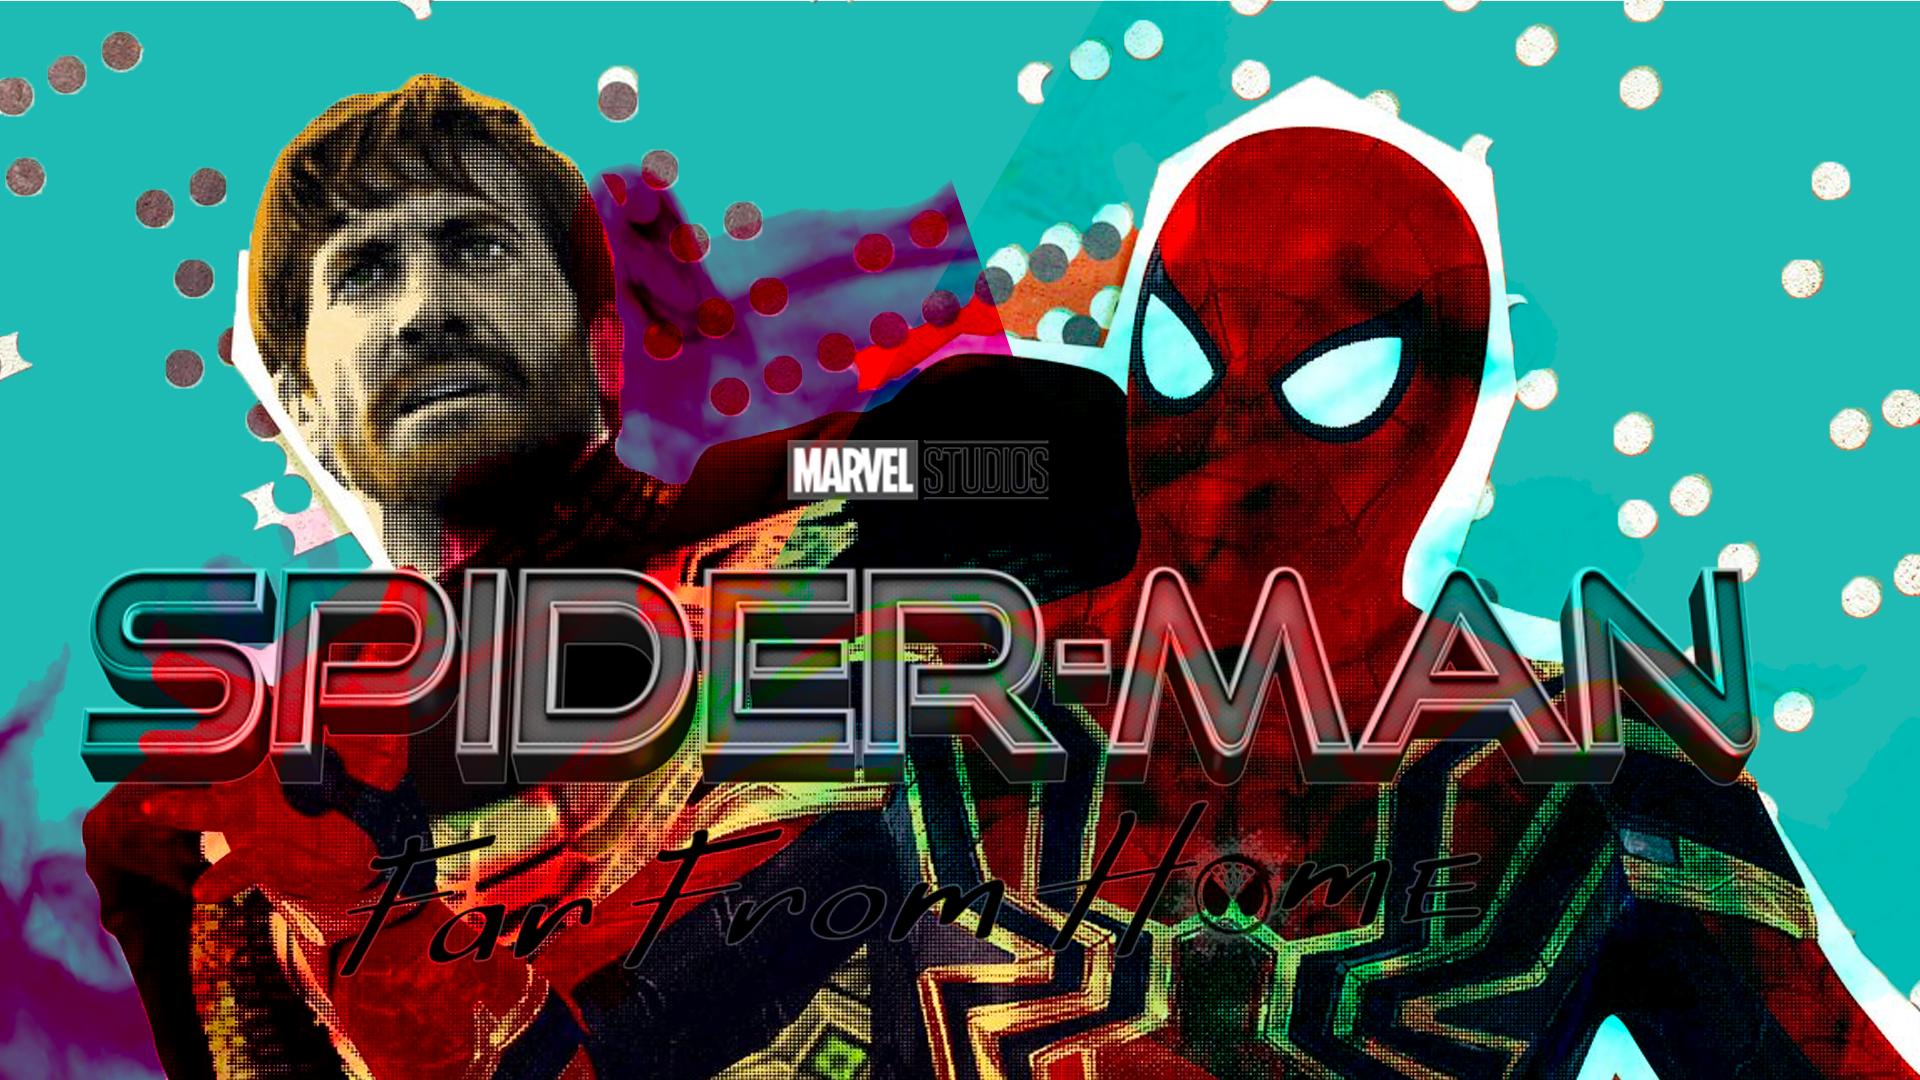 Manipolazione mediatica nel nuovo film su Spider-Man: quando la gente crede proprio a qualsiasi cosa